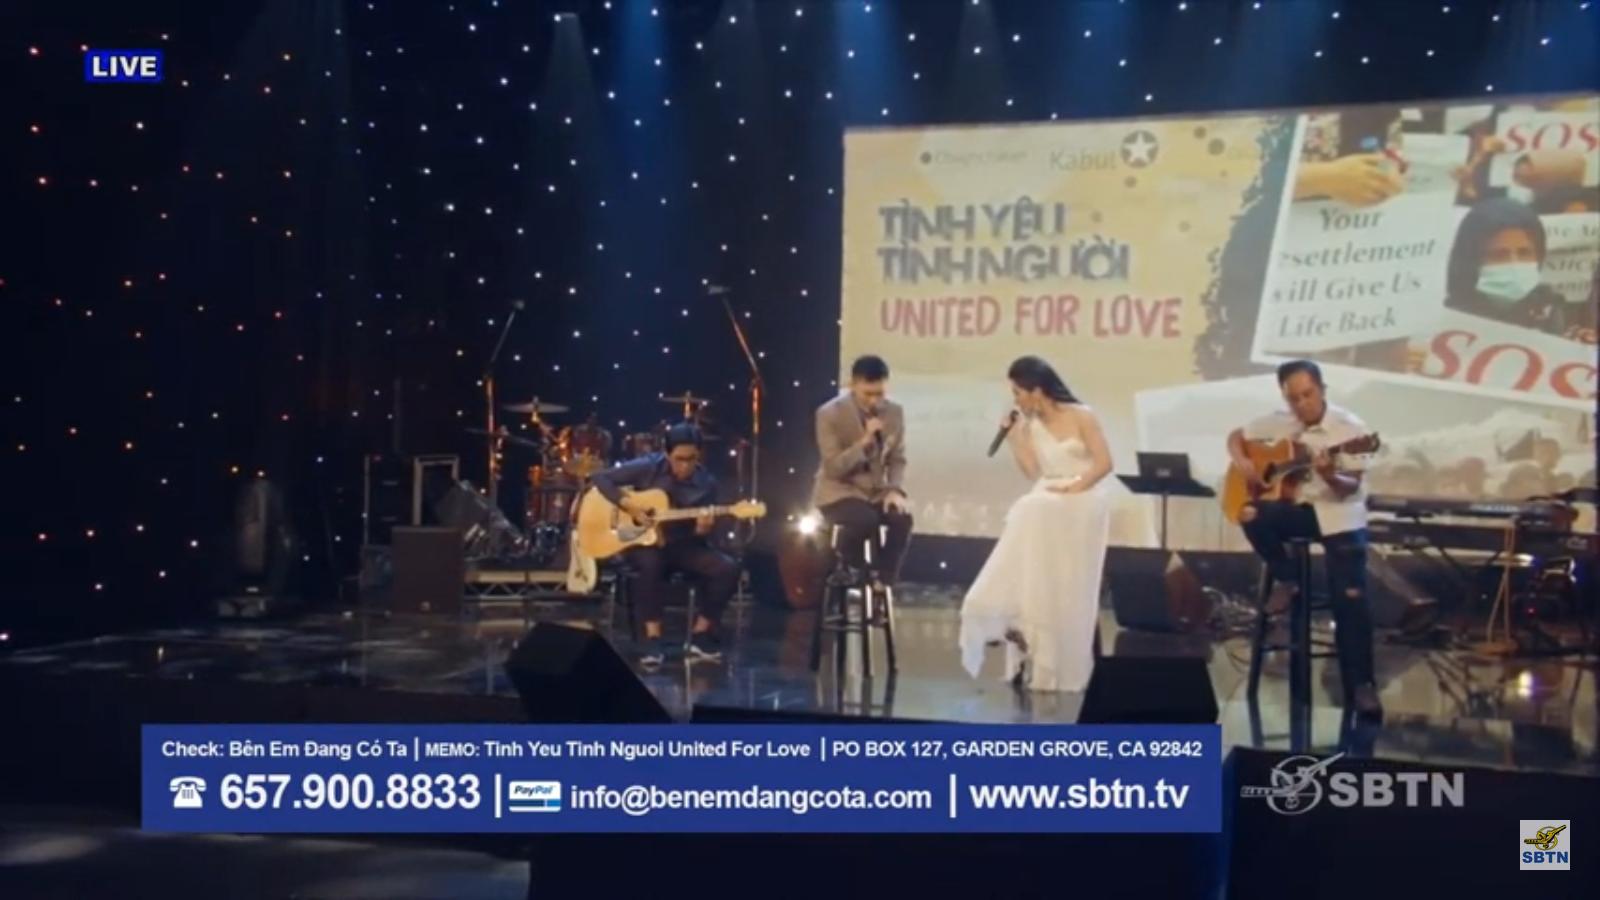 Cộng đồng Việt Nam hải ngoại gây quỹ được hơn $160,000 mỹ kim cho người tỵ nạn Afghanistan trong chương trình ca nhạc trên SBTN